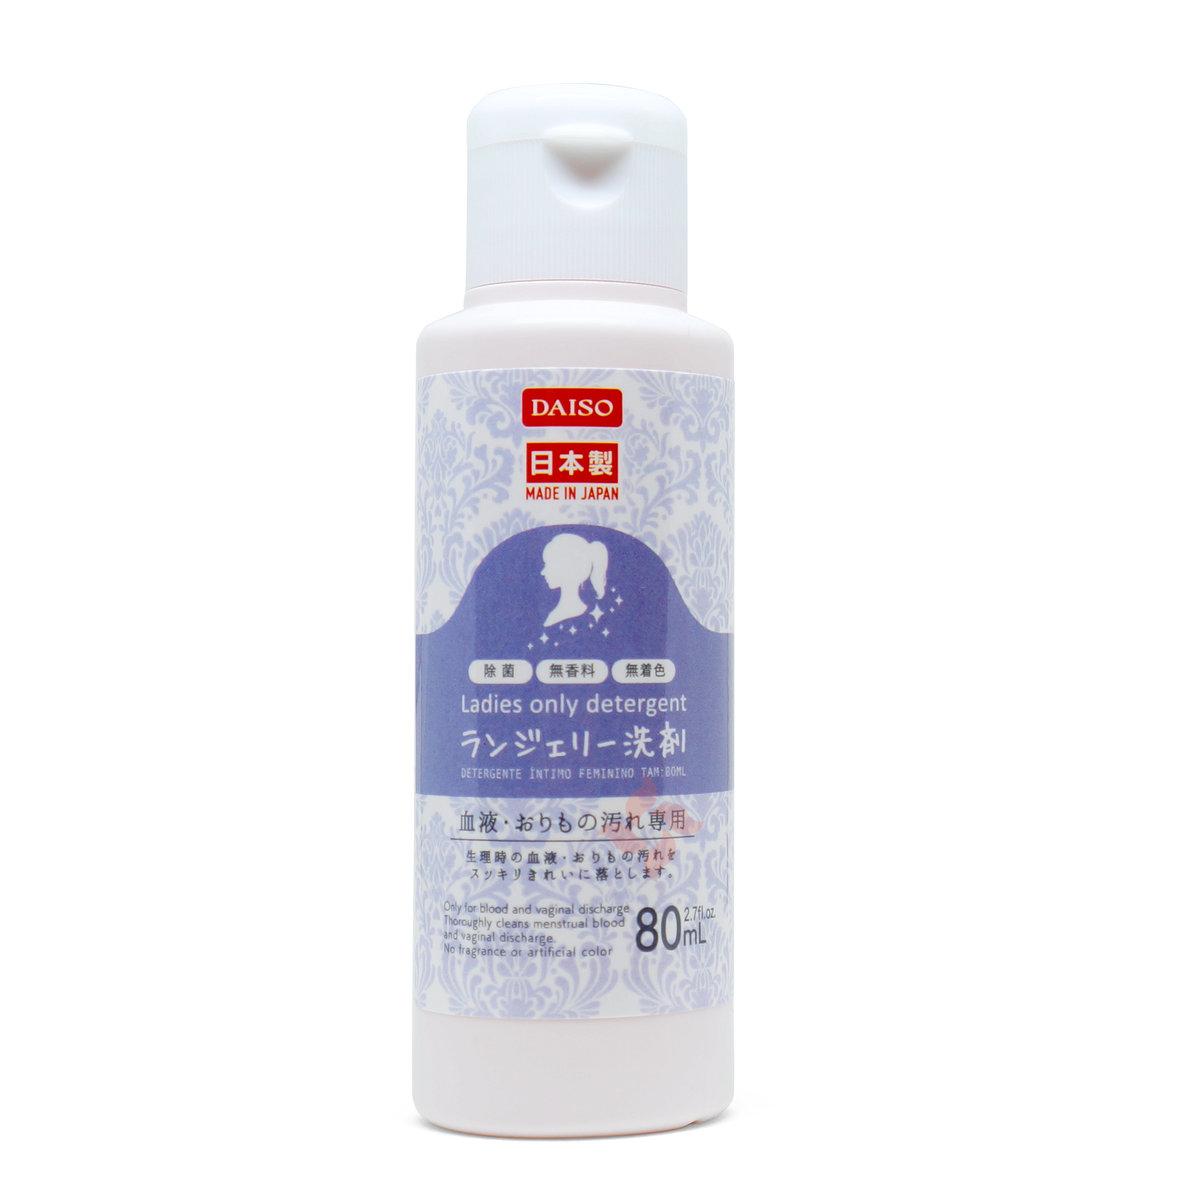 大創 女性衣物專用洗劑 80ml (新舊版隨機發貨) (4979909734988)